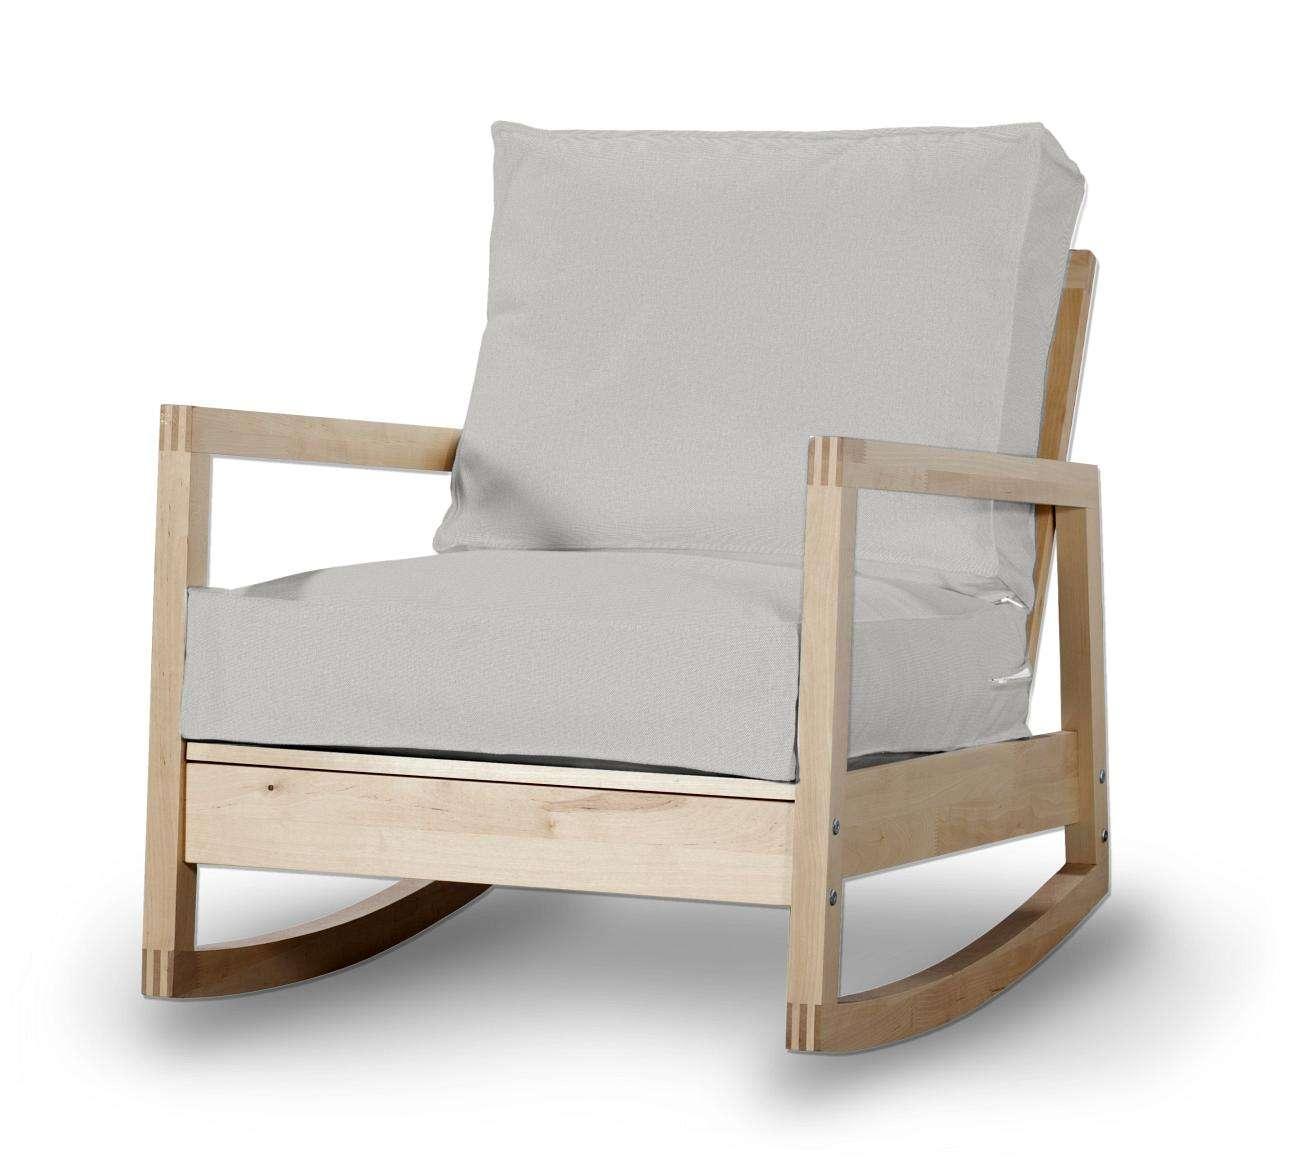 Pokrowiec na fotel Lillberg w kolekcji Etna, tkanina: 705-90